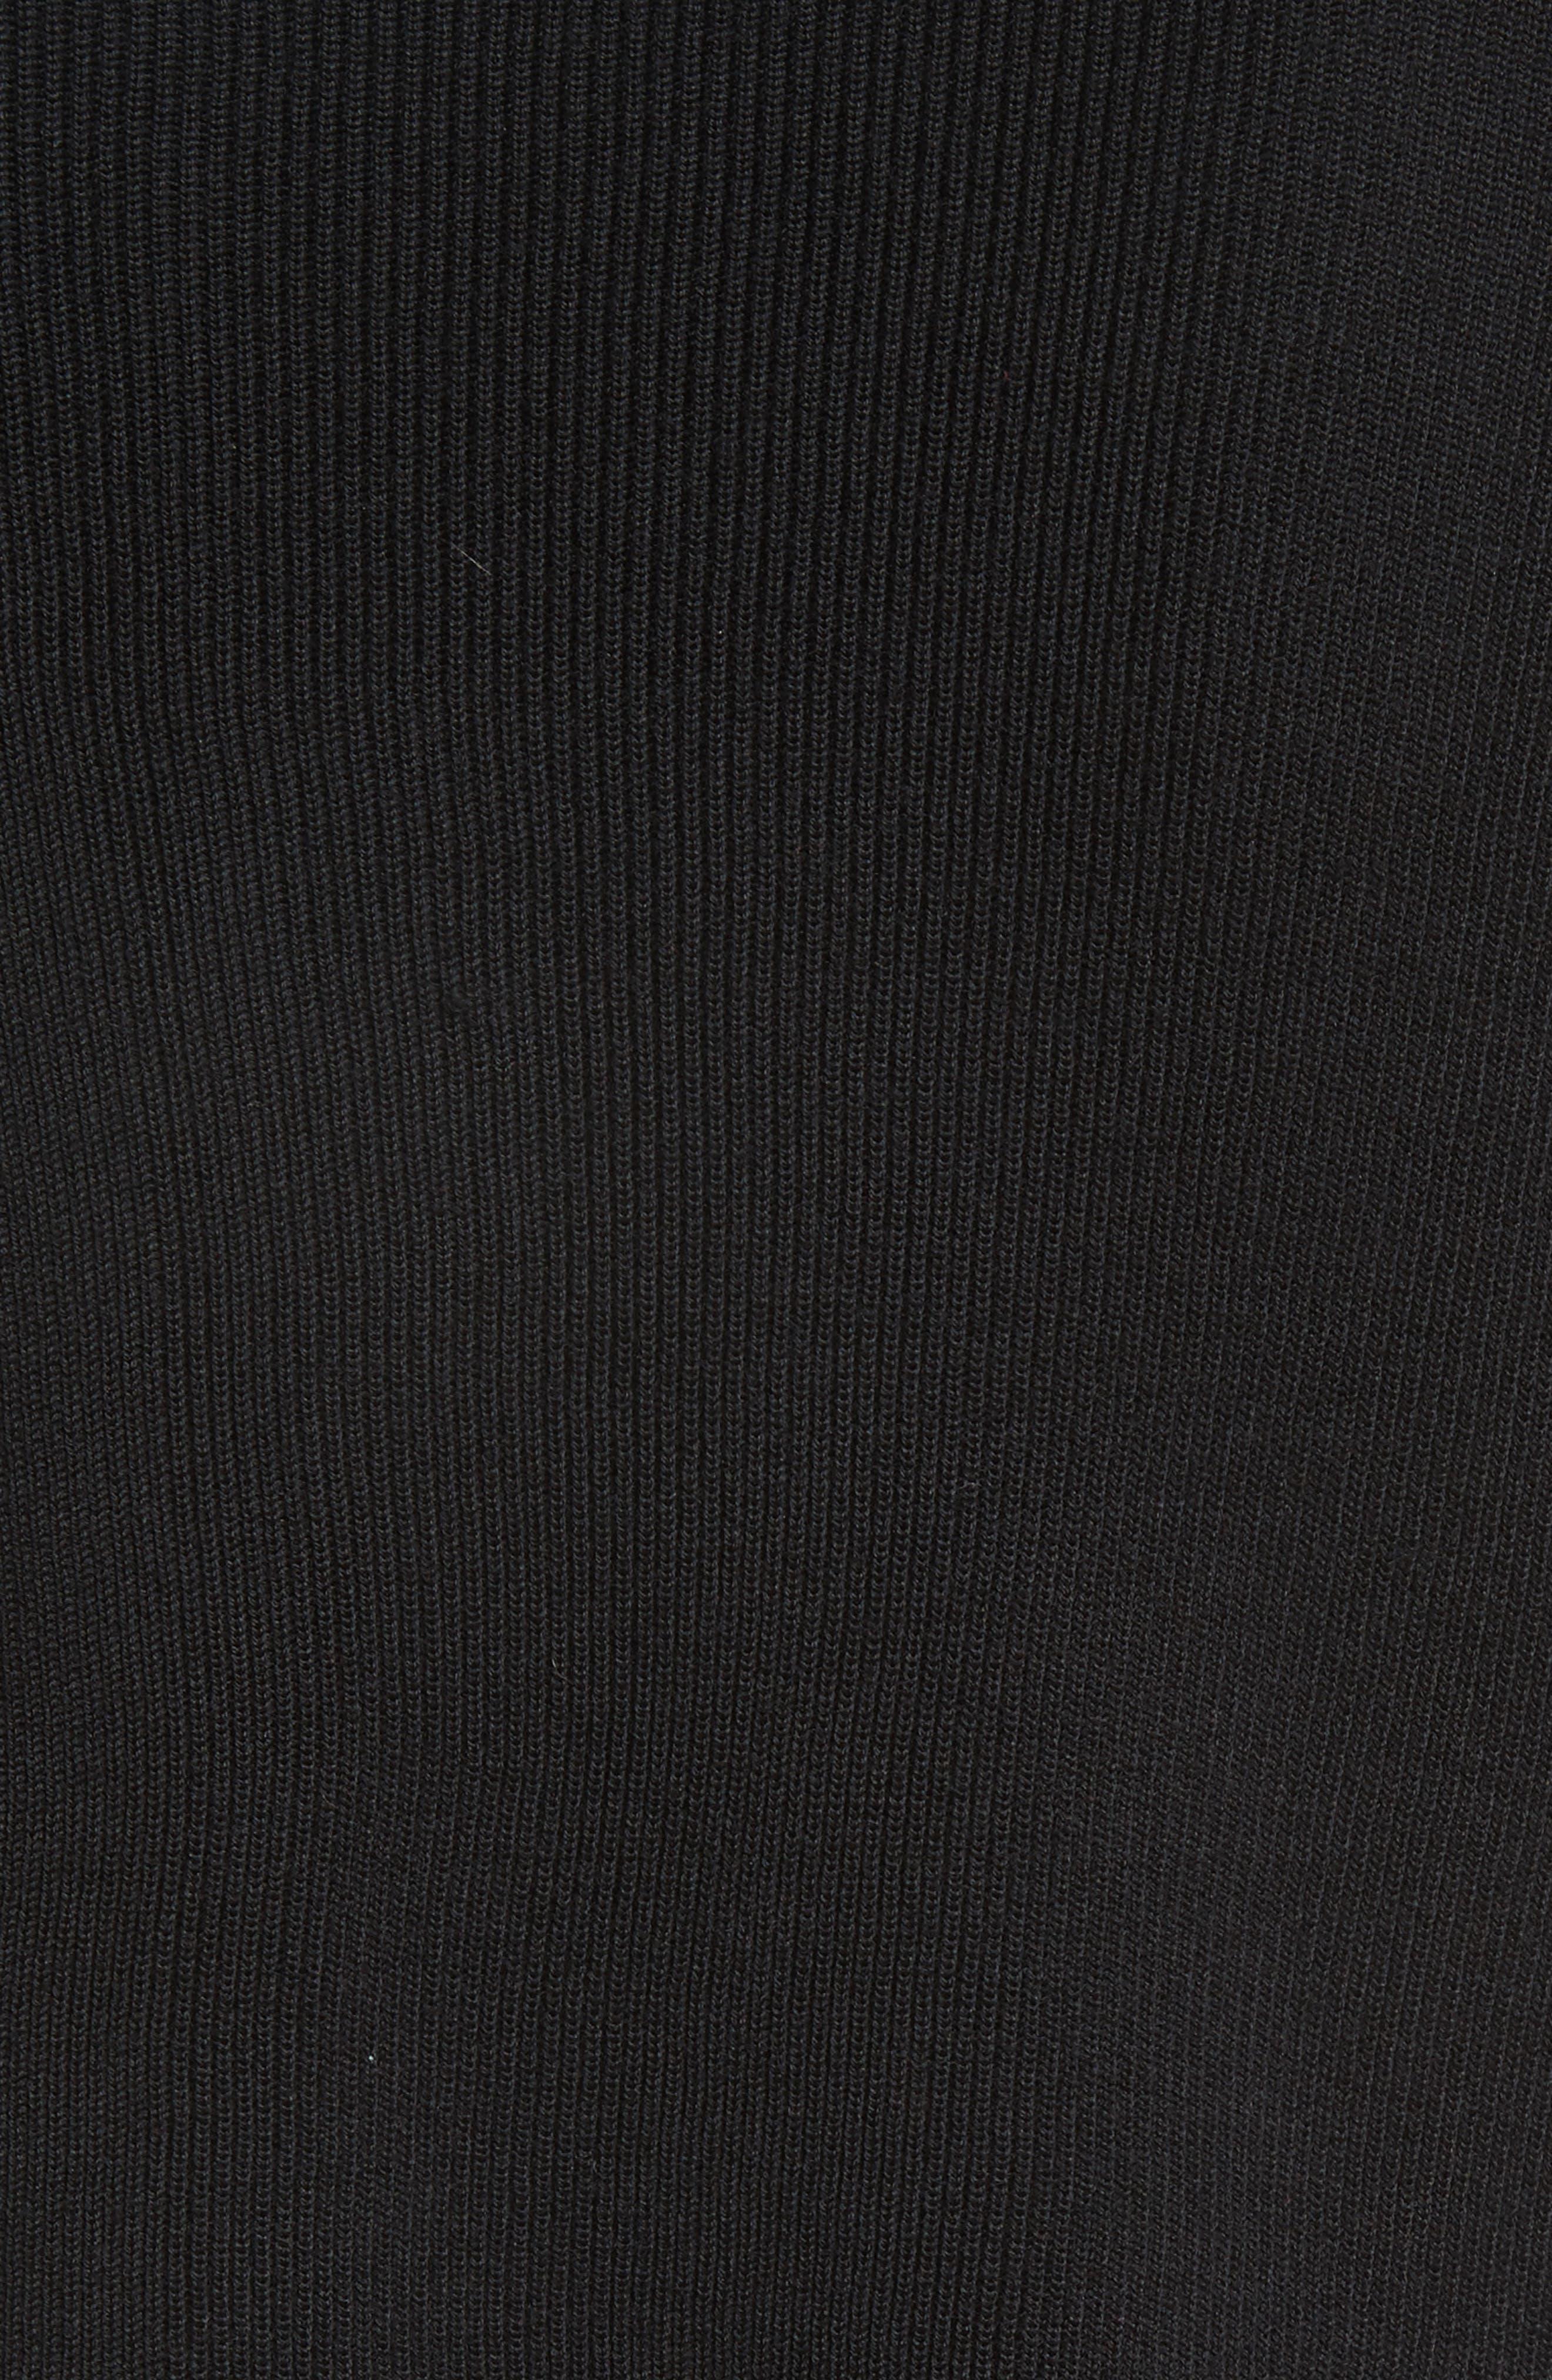 Sharkbite Hem Sweater,                             Alternate thumbnail 8, color,                             Black